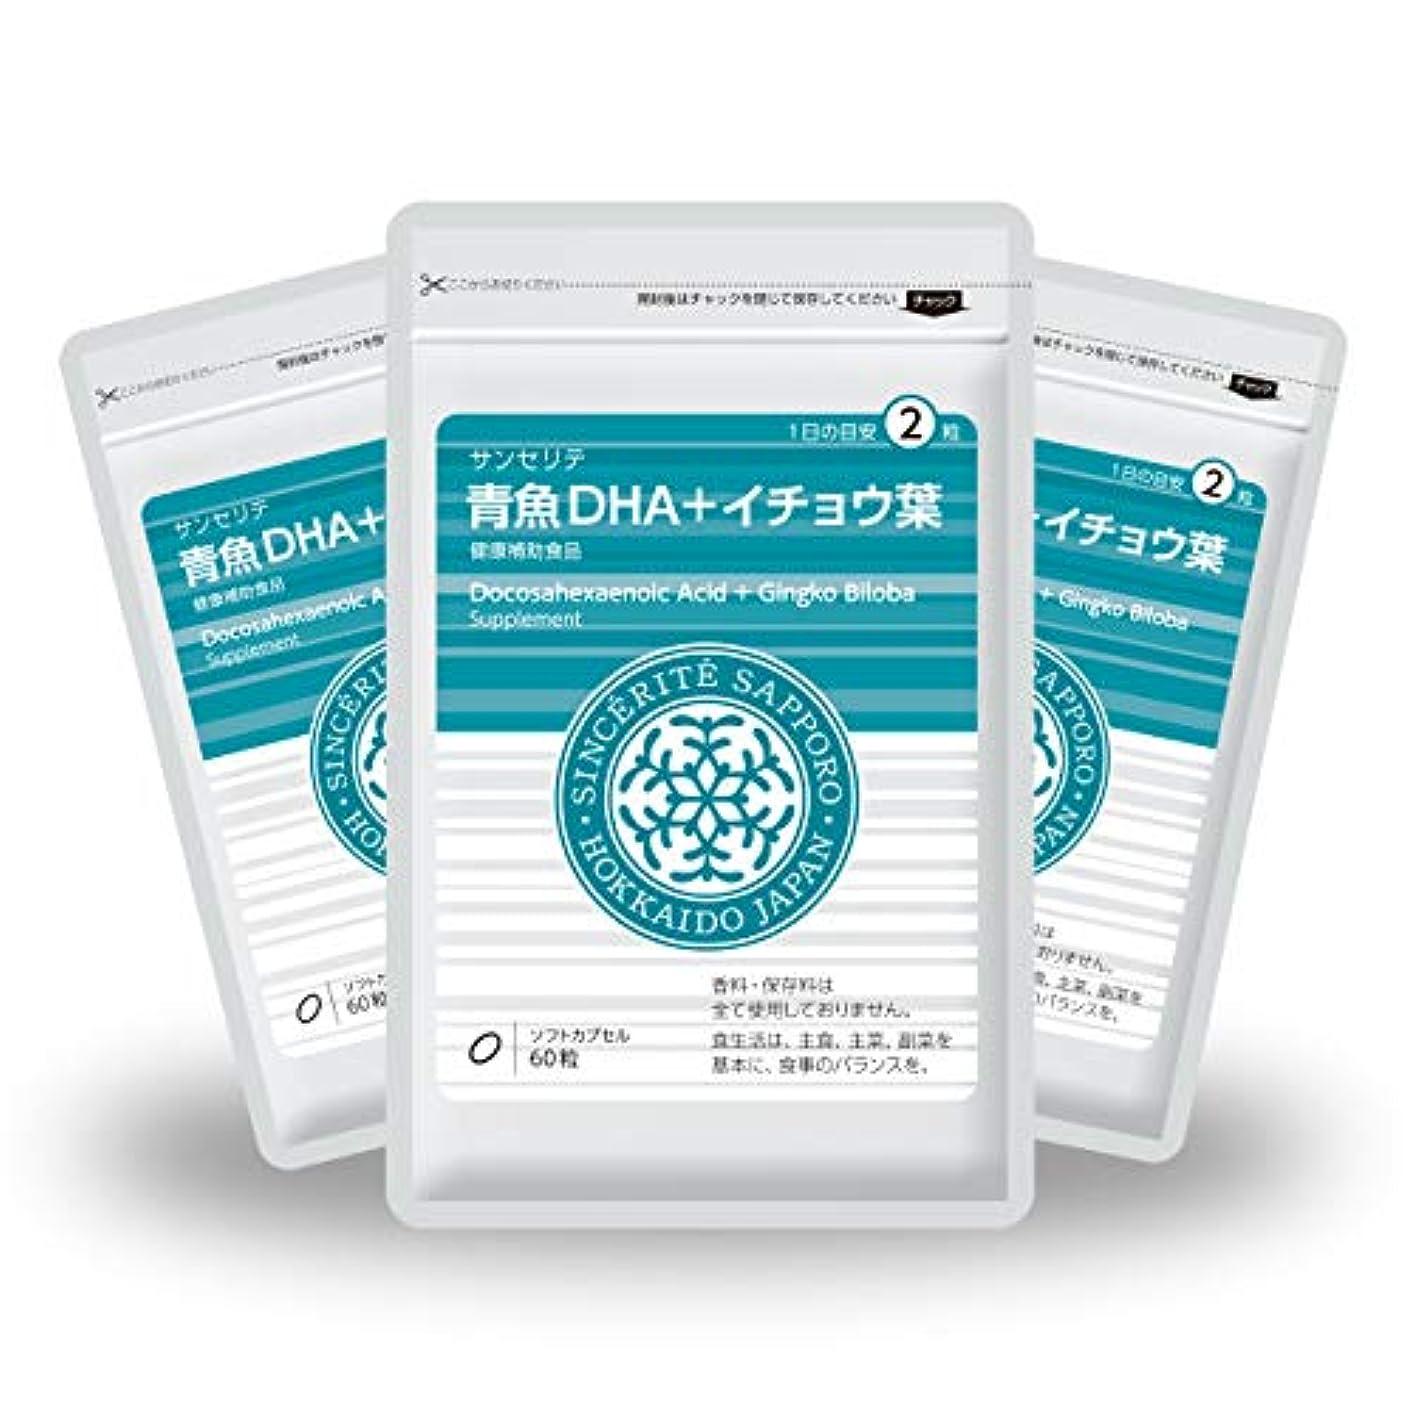 ポルティコ突然指令青魚DHA+イチョウ葉 3袋セット[送料無料][DHA]101mg配合[国内製造]お得な90日分